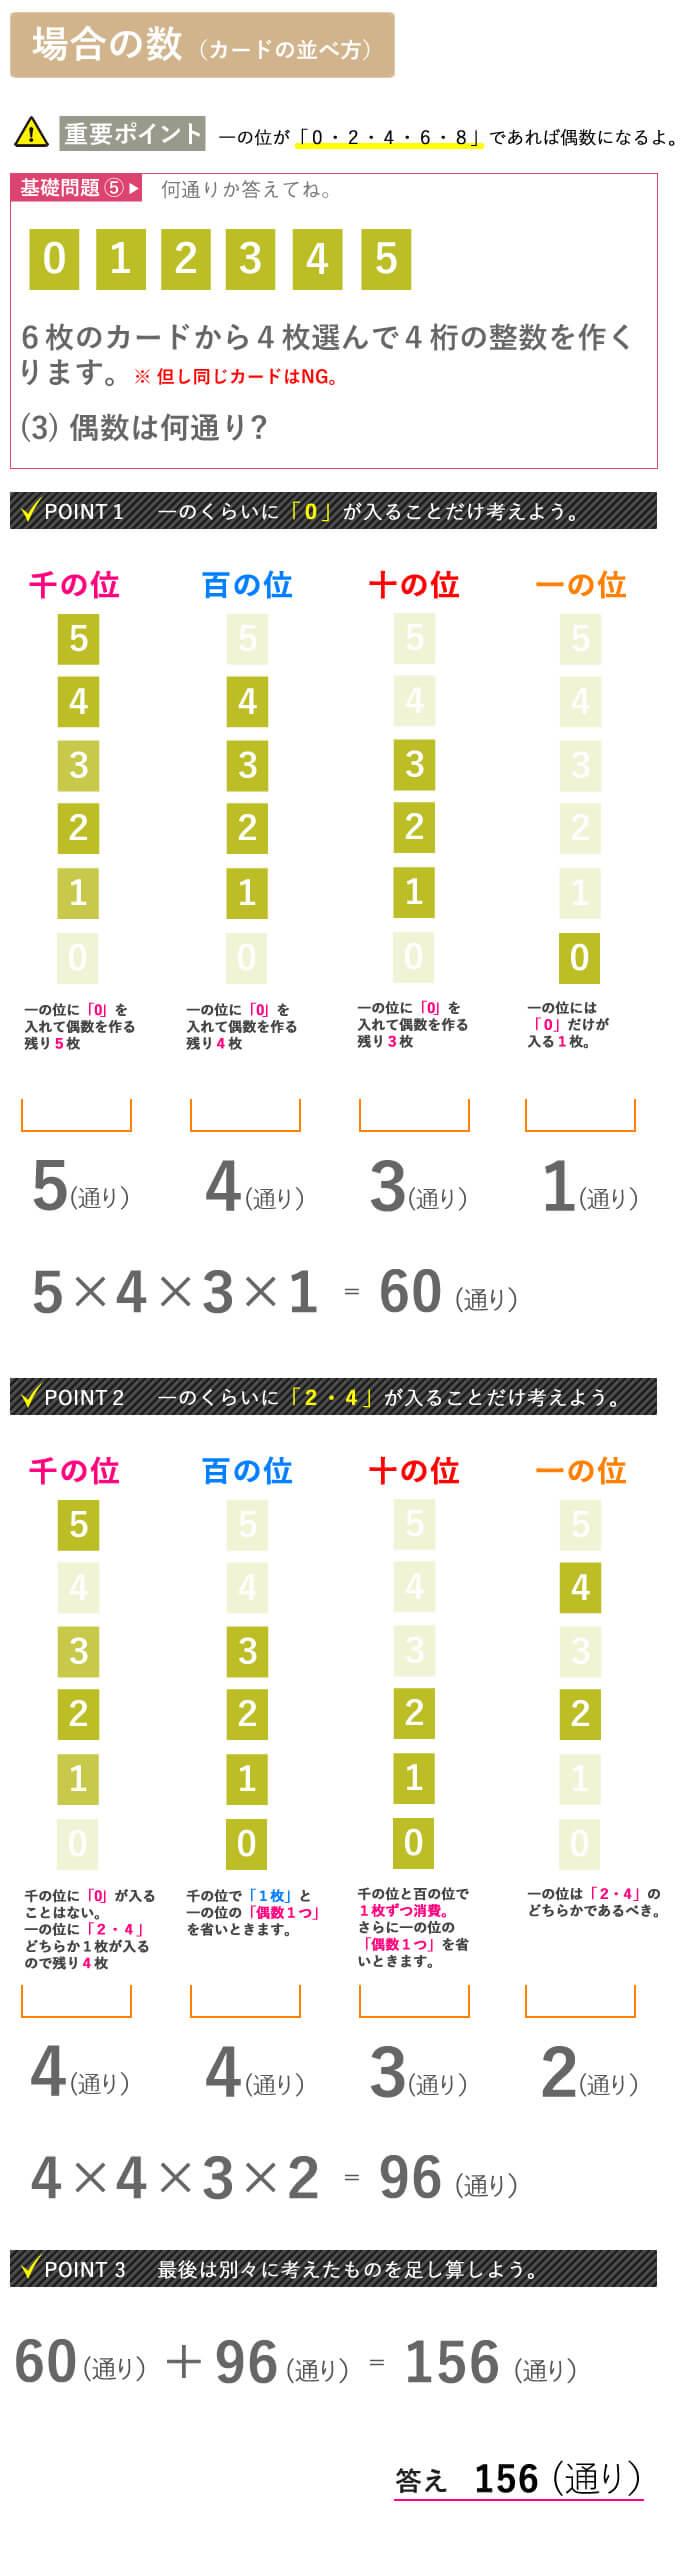 看護予備校大阪KAZアカデミーの場合の数、【場合の数 ケタの並べ方 その3】画像